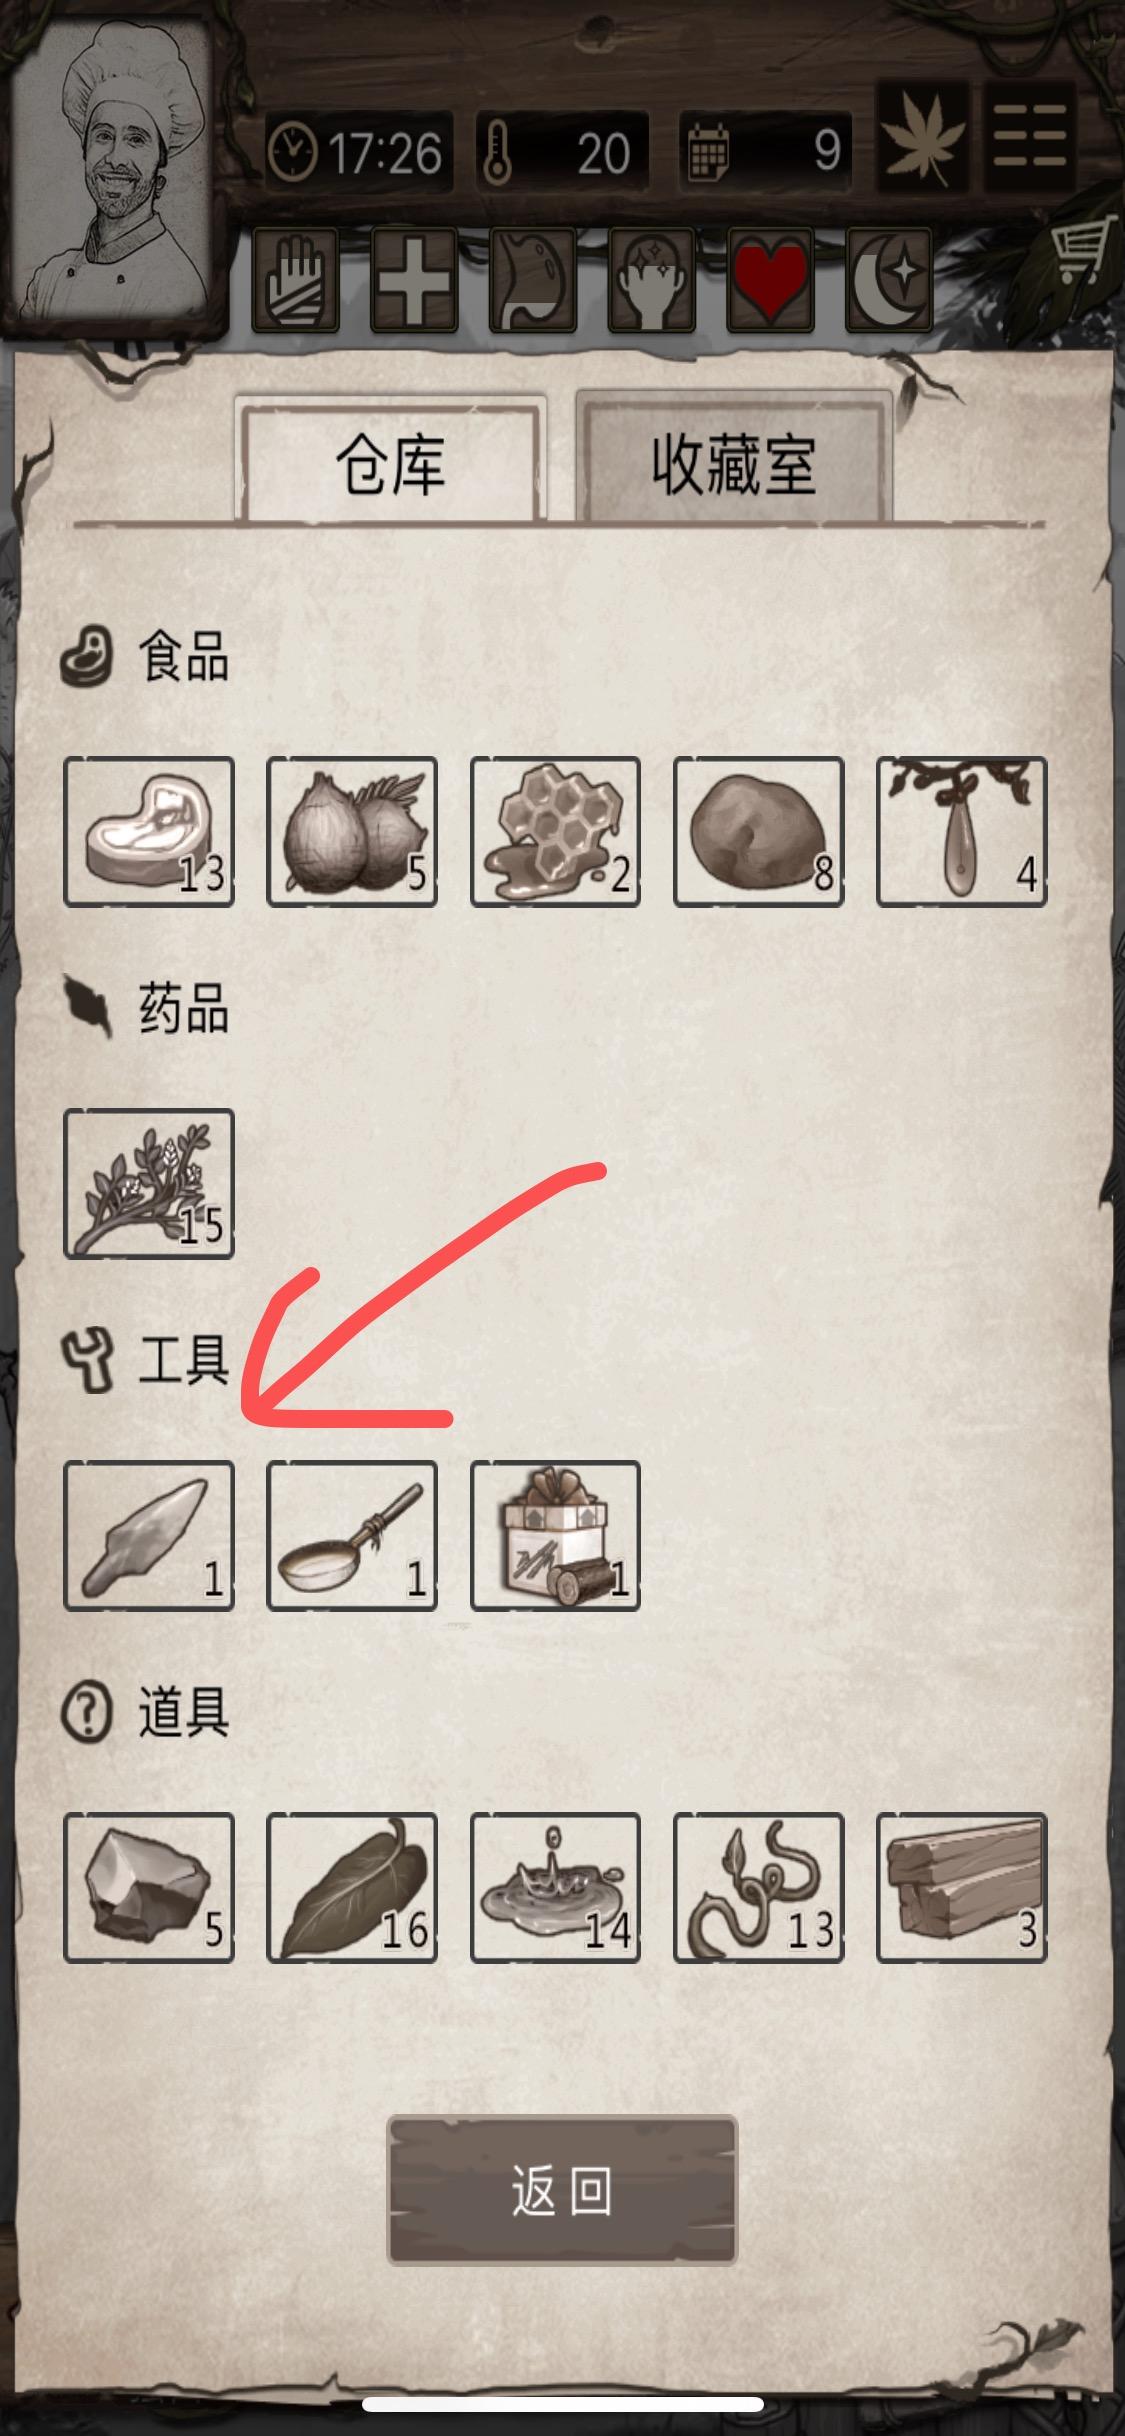 工具制造攻略,荒岛求生游戏匕首怎么做